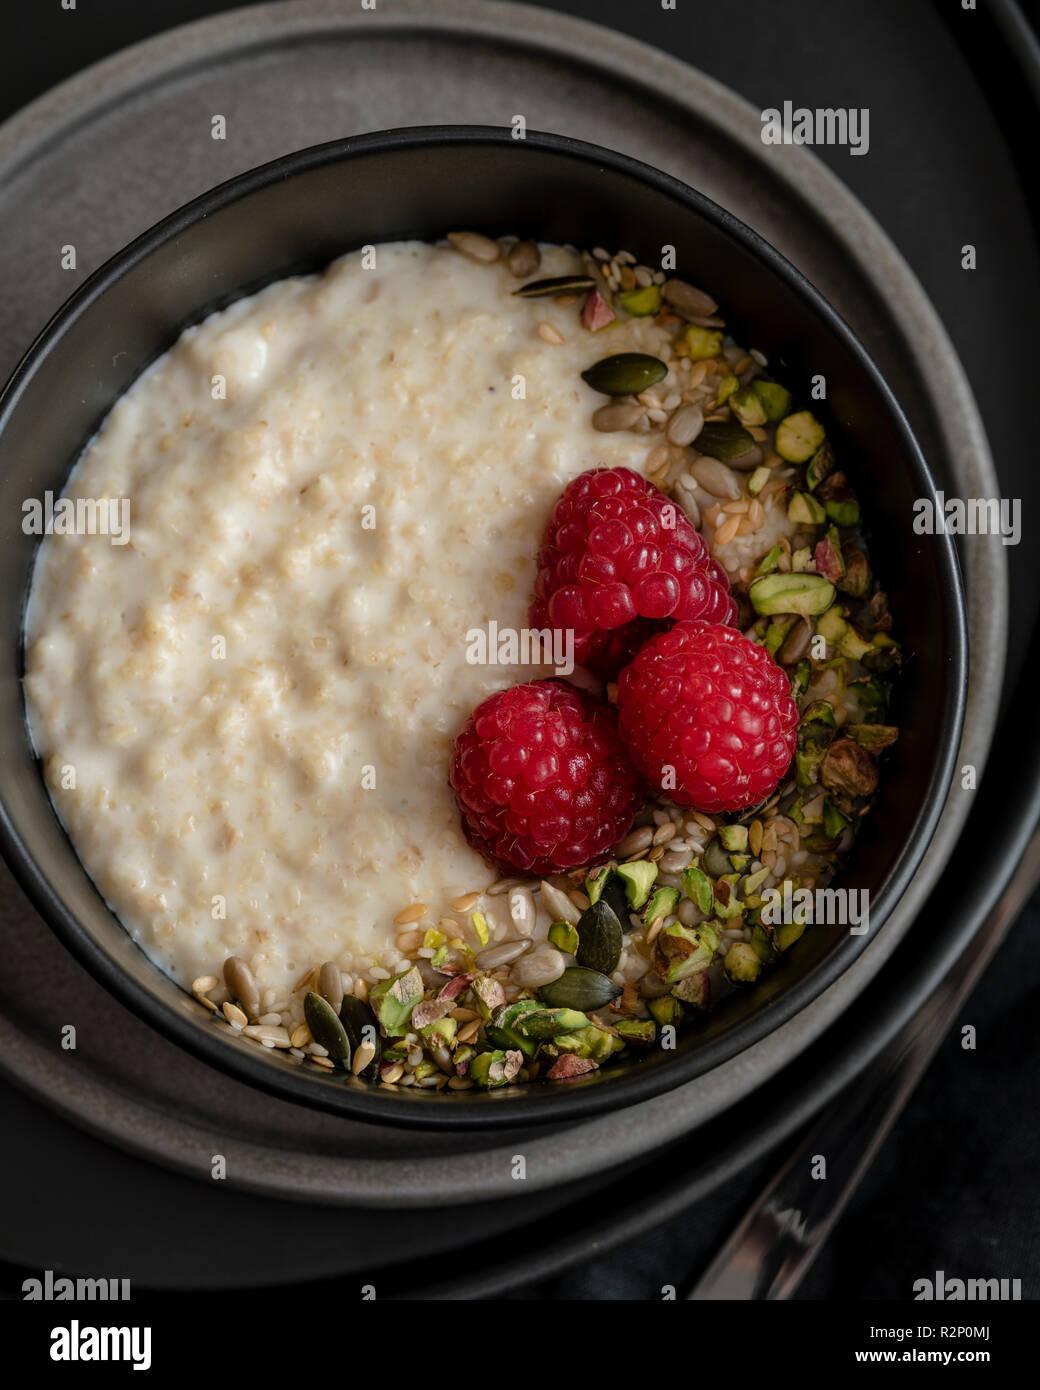 breakfast porridge in dark bowl - Stock Image